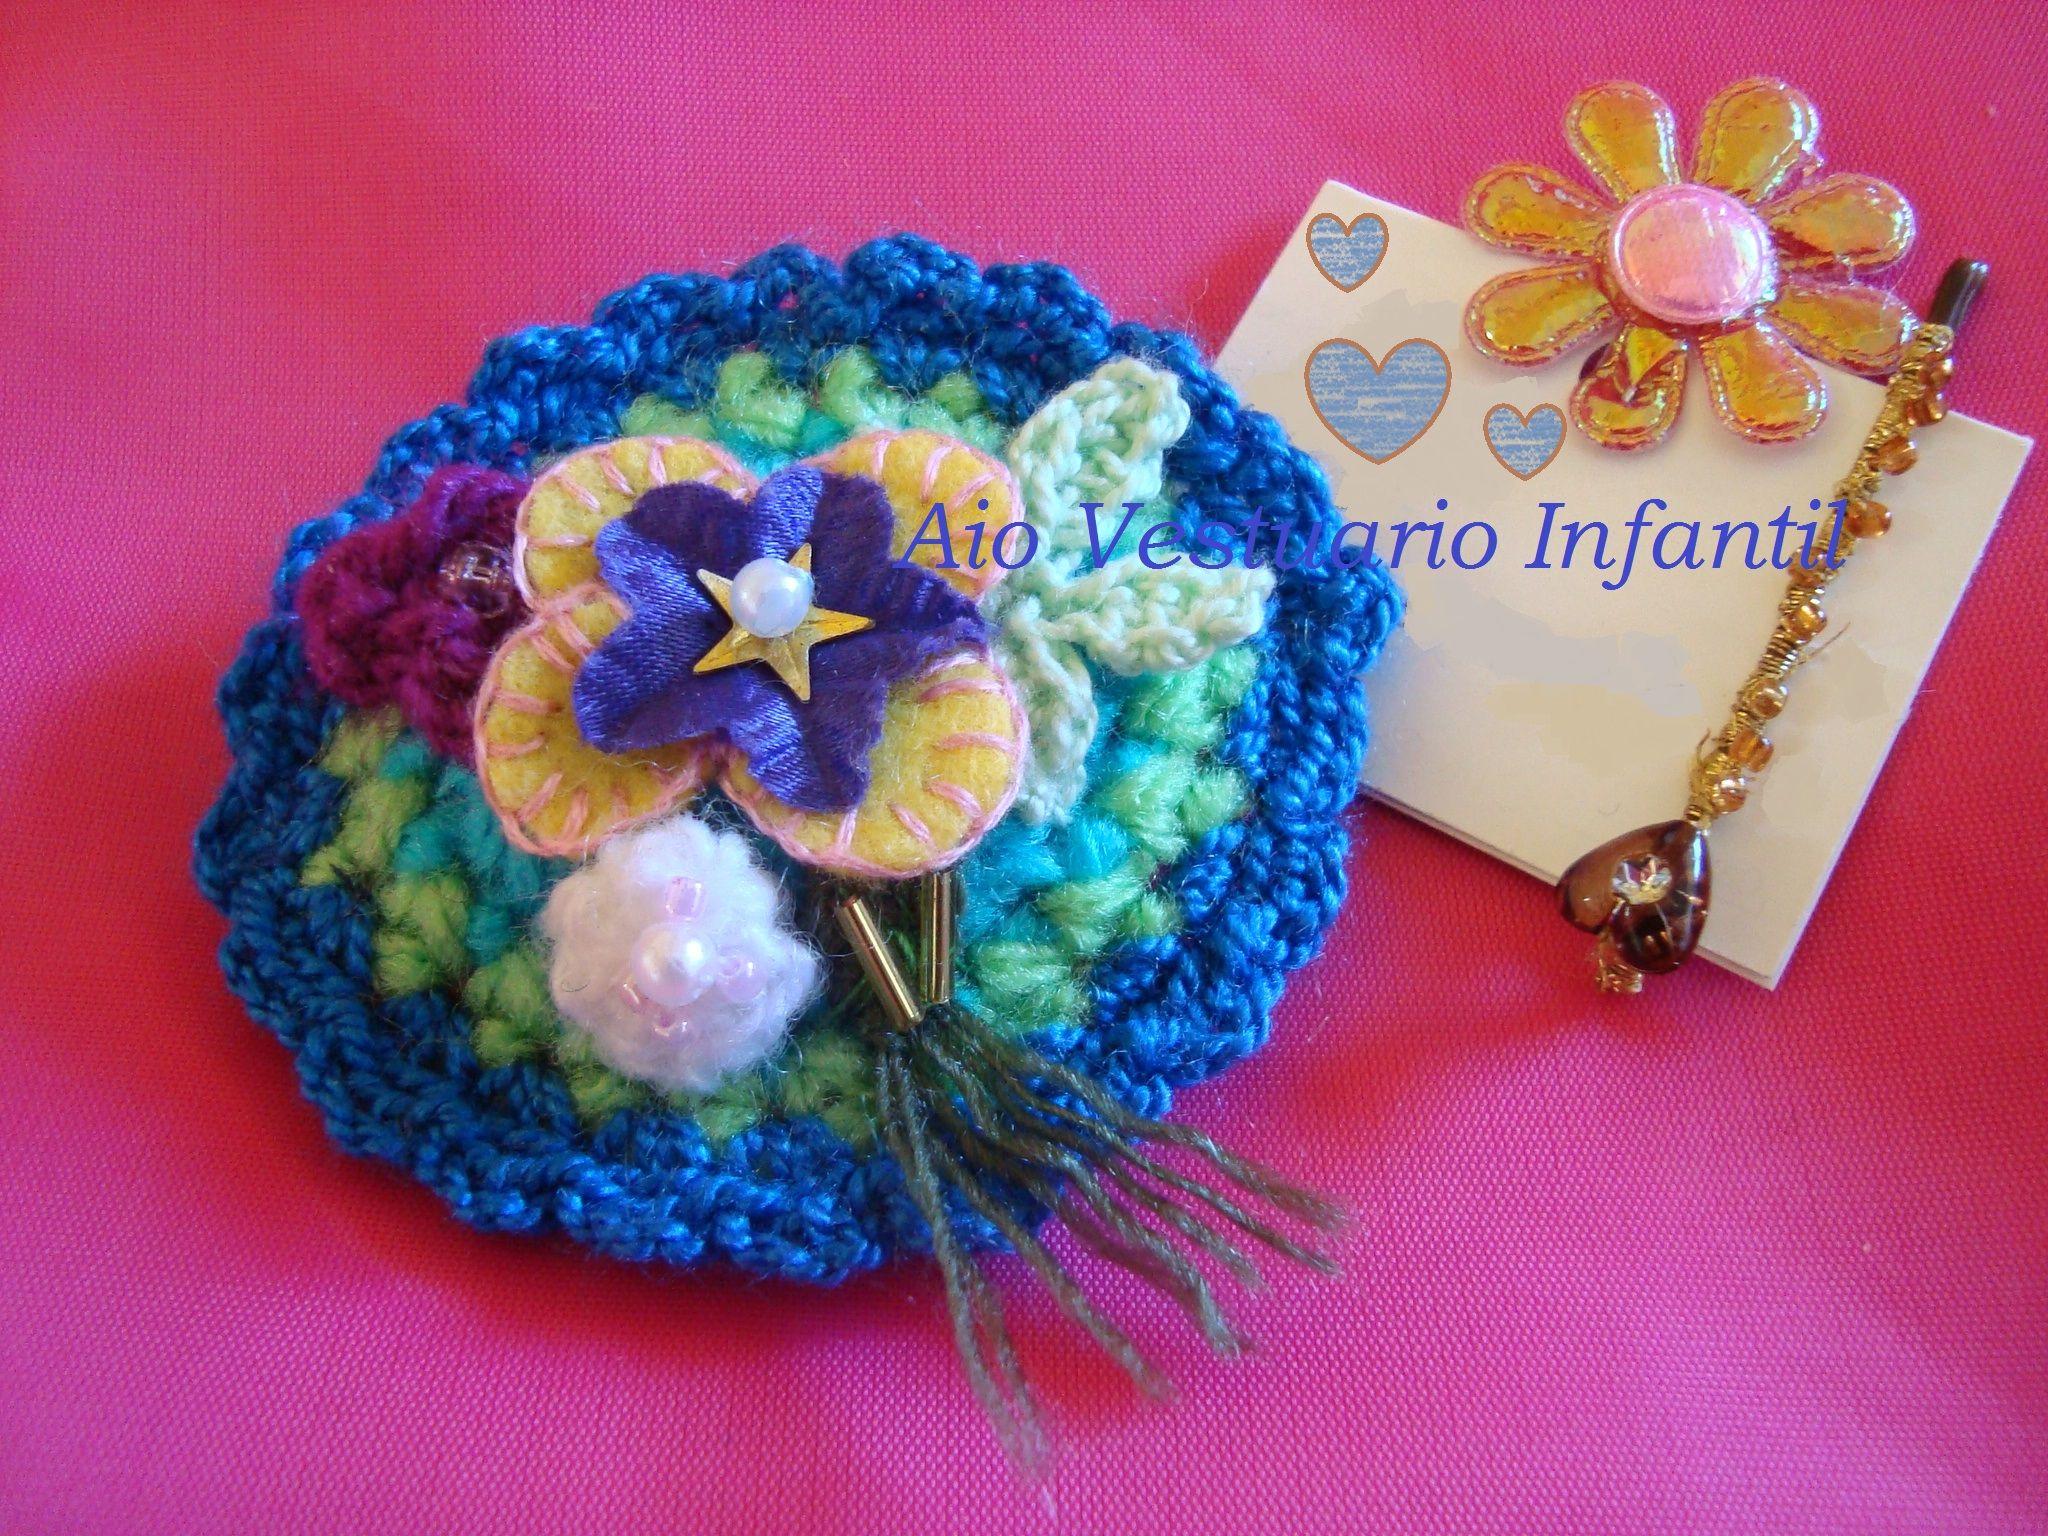 Traba par el cabello tejida a crochet y adornos en pedrería. (handmade). En venta en: AIO Vestaurio Infantil. http://www.elo7.com.ar/1d2a9